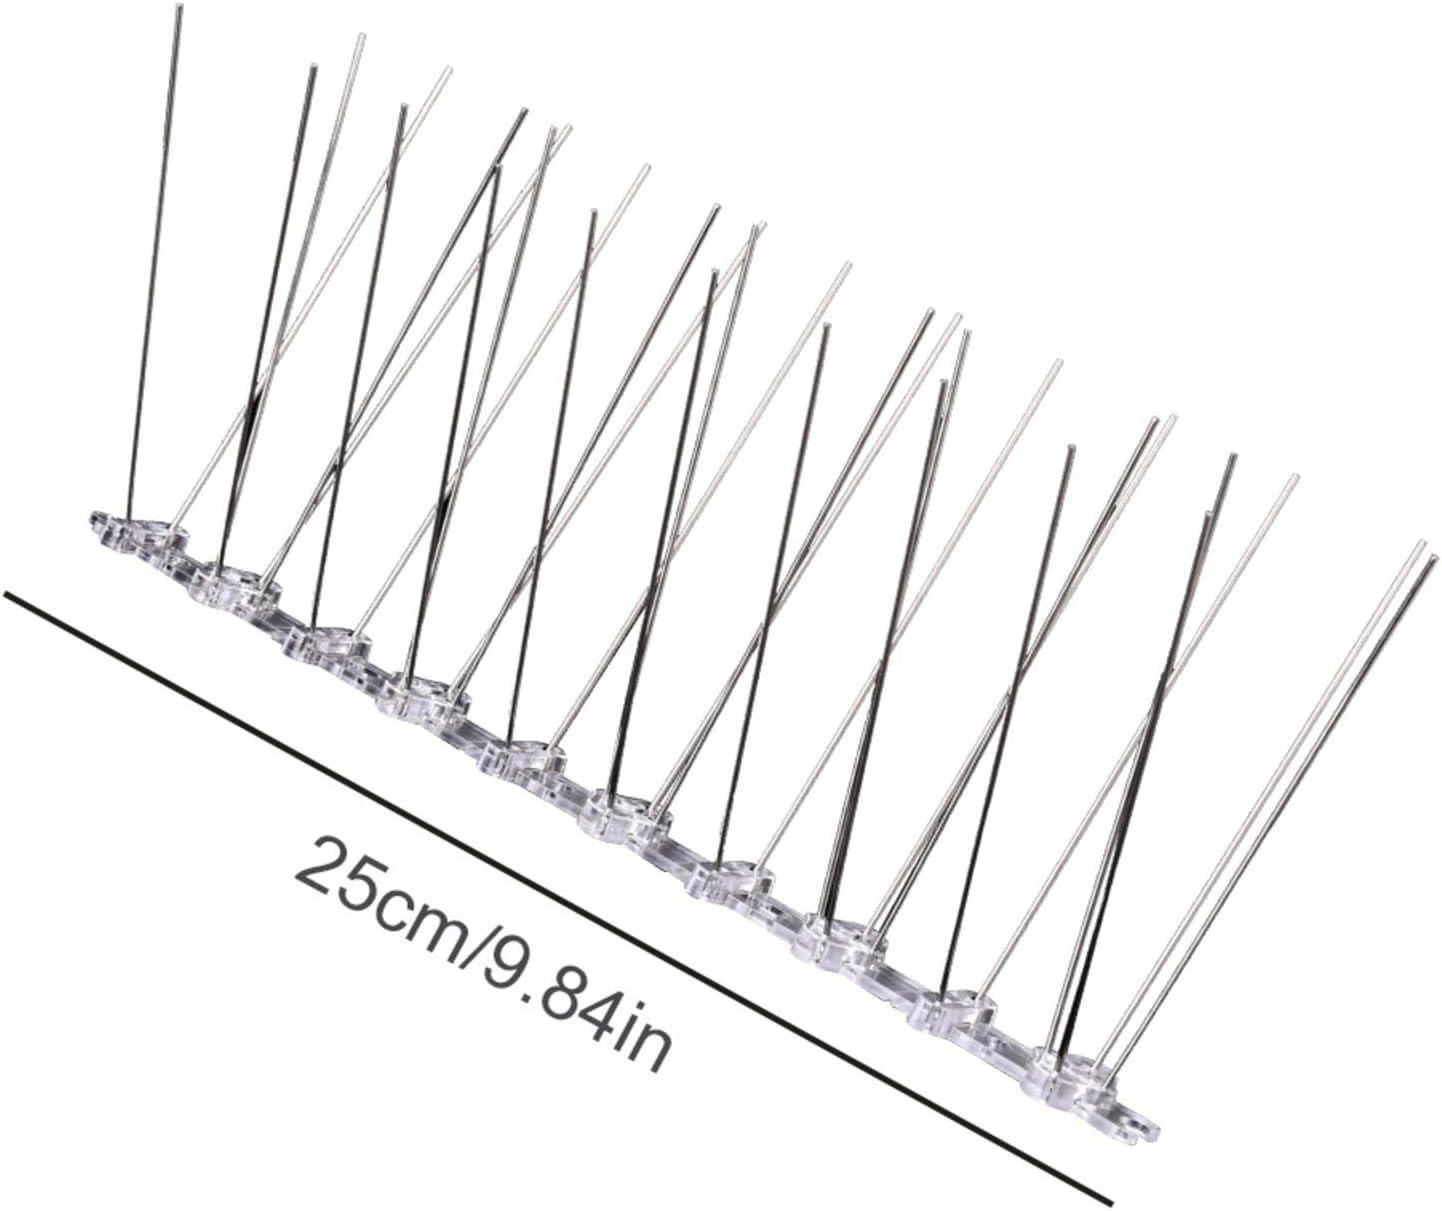 Balcones Repelente De P/ájaros De Acero Inoxidable Espantapajaros para Fruta Jard/ín Techos 25 Cm Easy-topbuy Pinchos Antipalomas